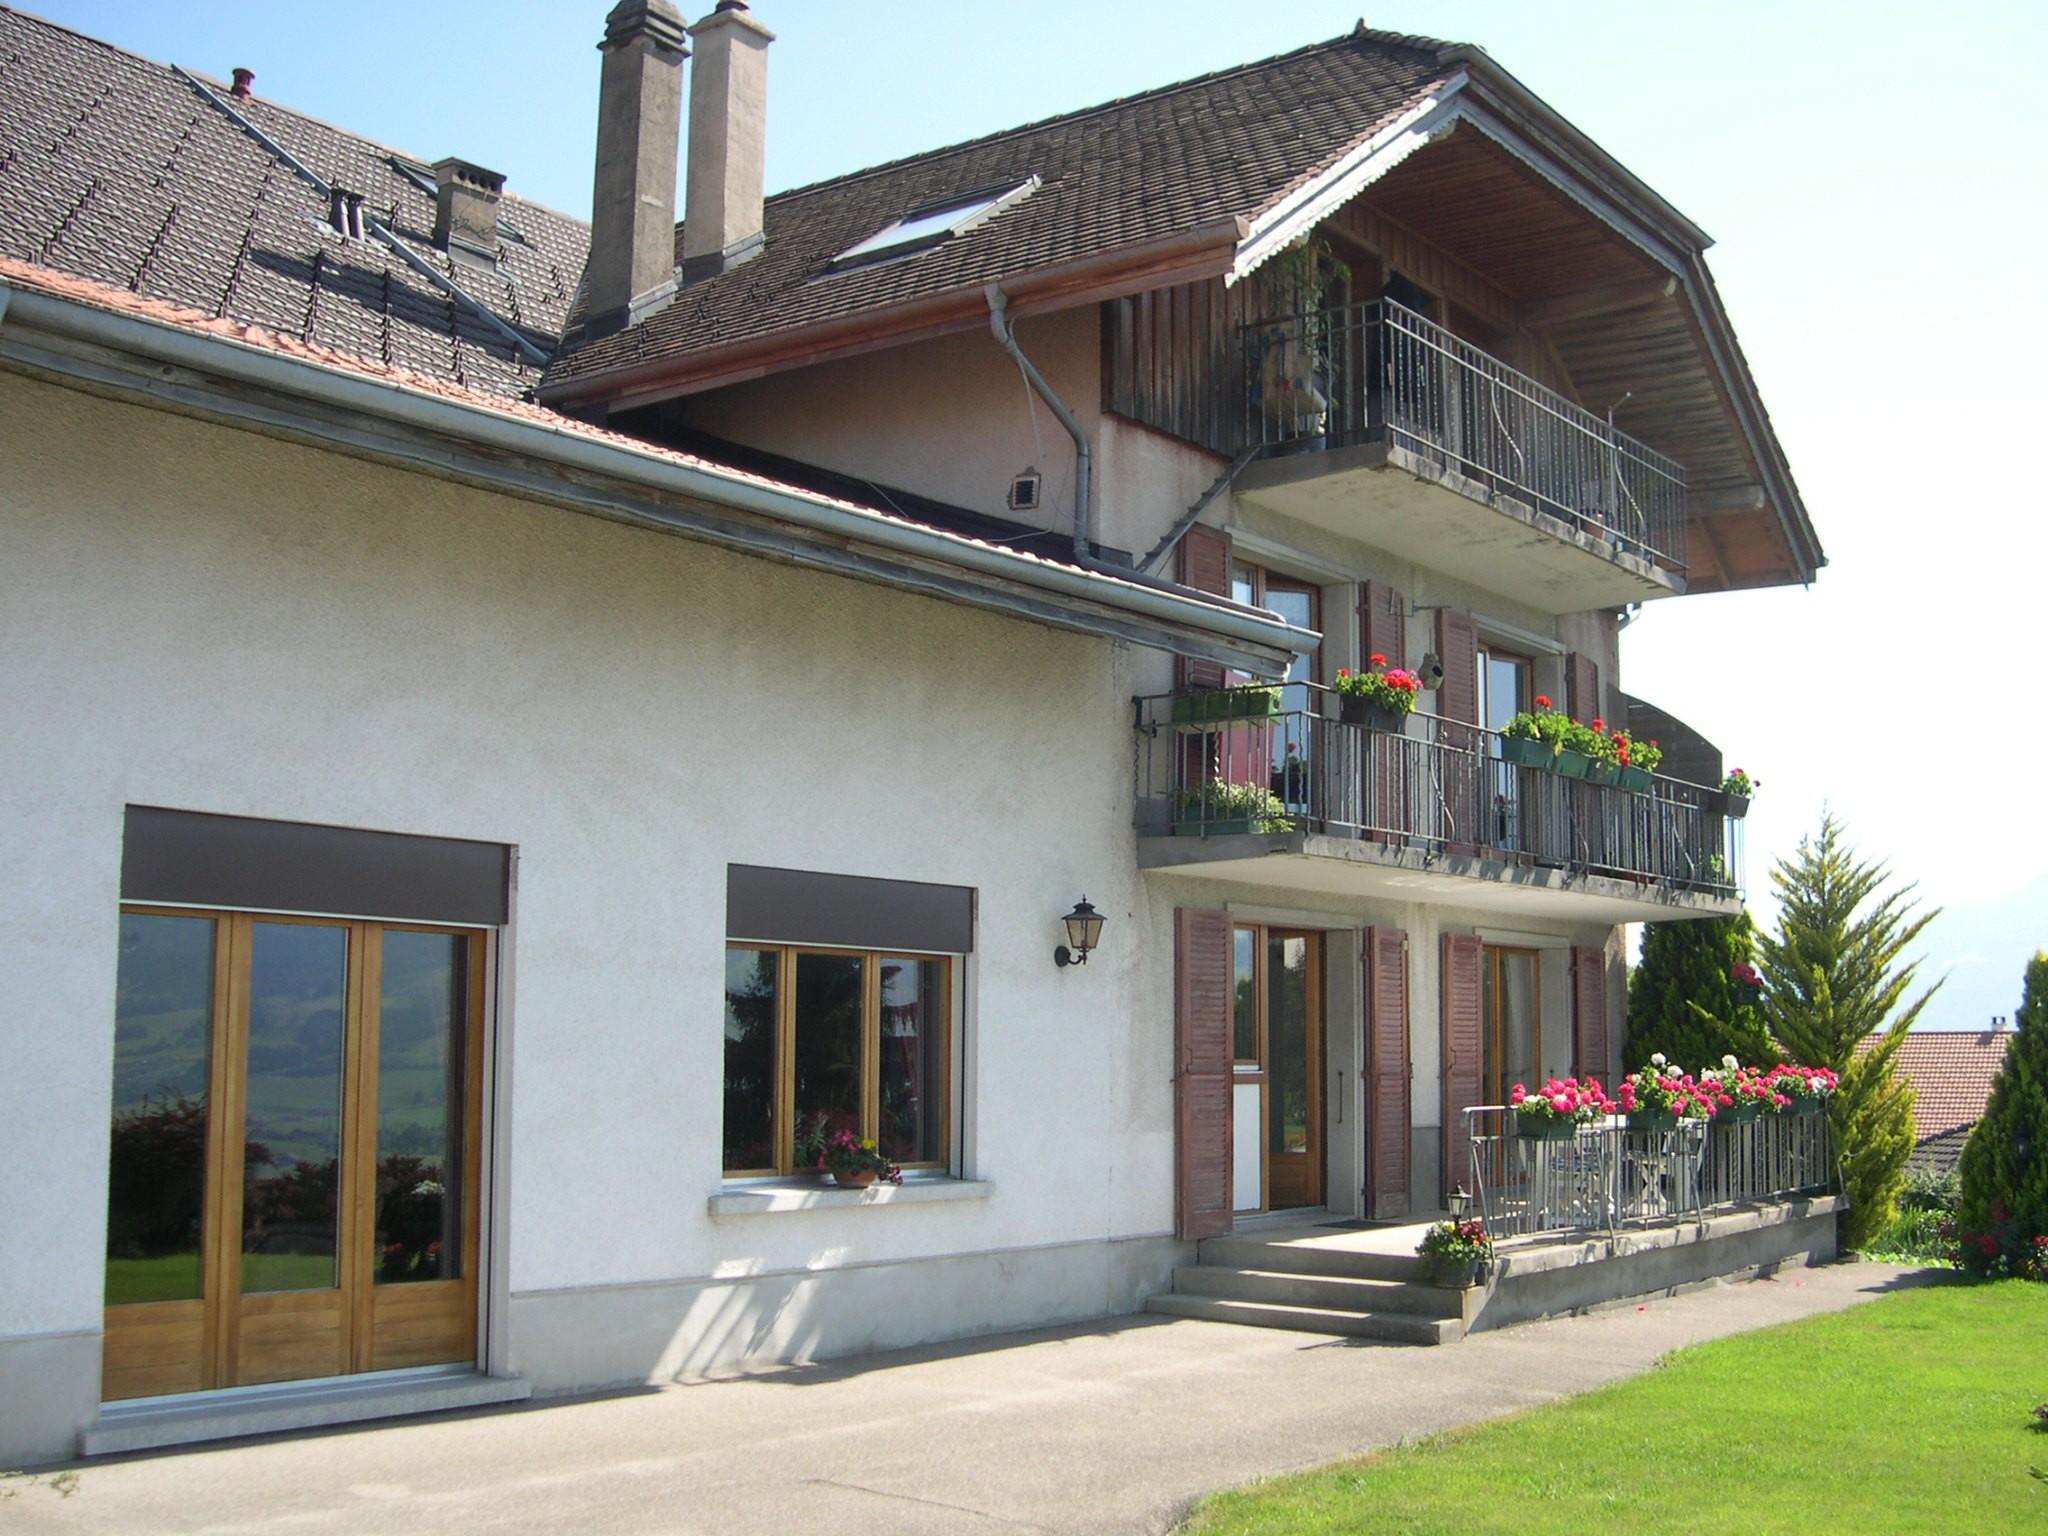 Detached House For Sale in Pont-en-Ogoz - 10 Photos